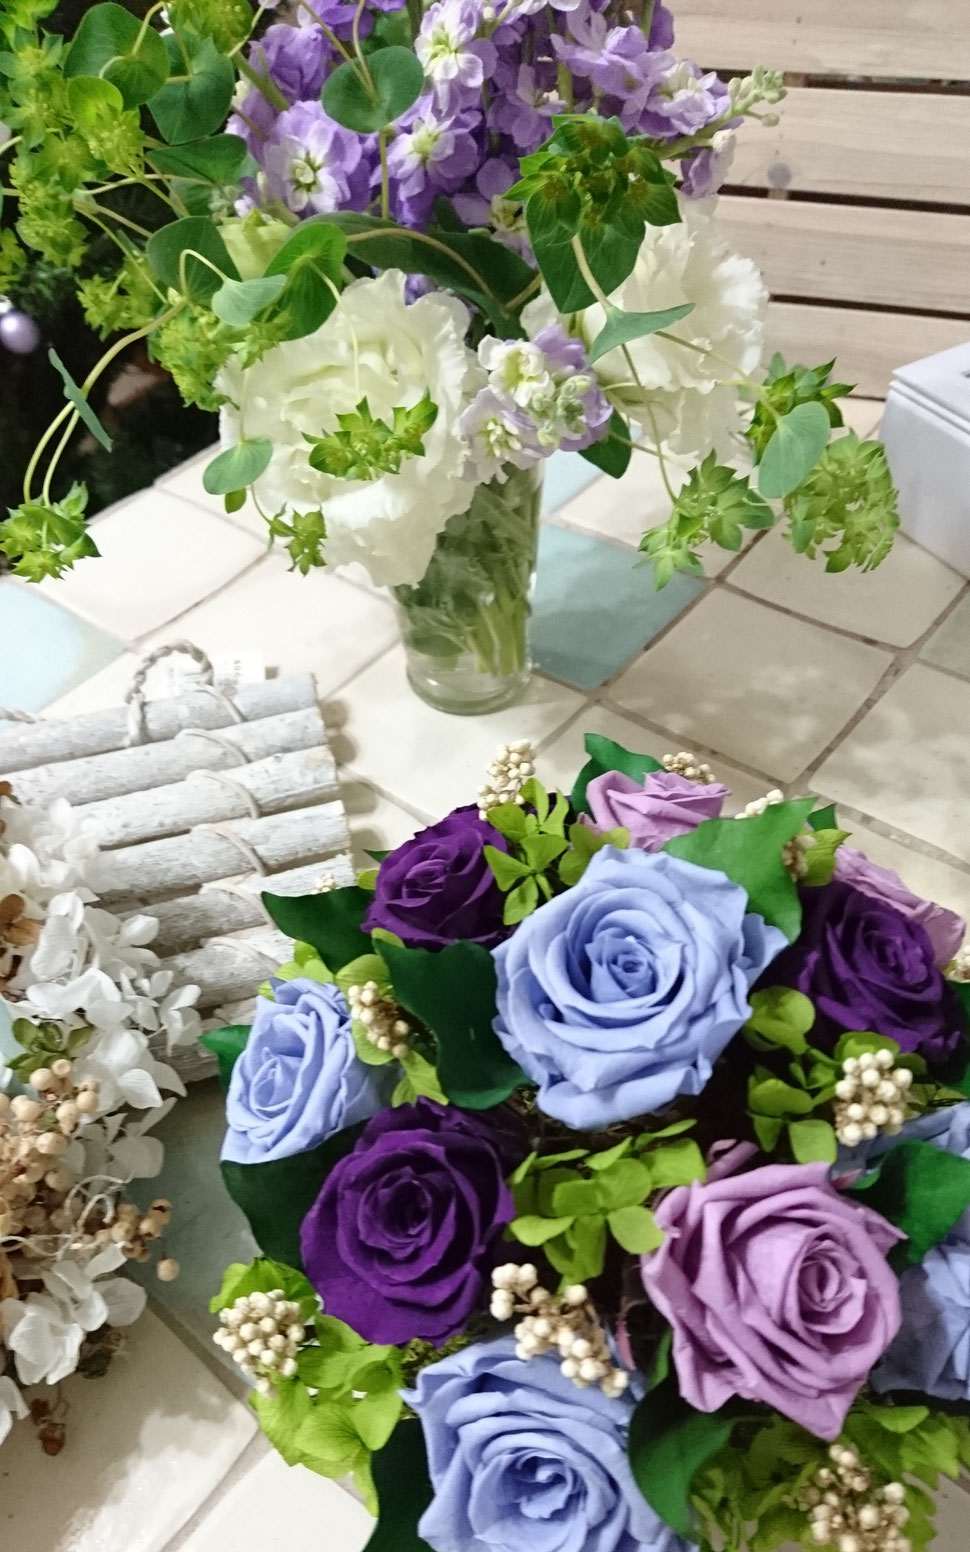 Lisの花工房,資格取得コース,プリザーブドフラワー教室,インストラクター,花